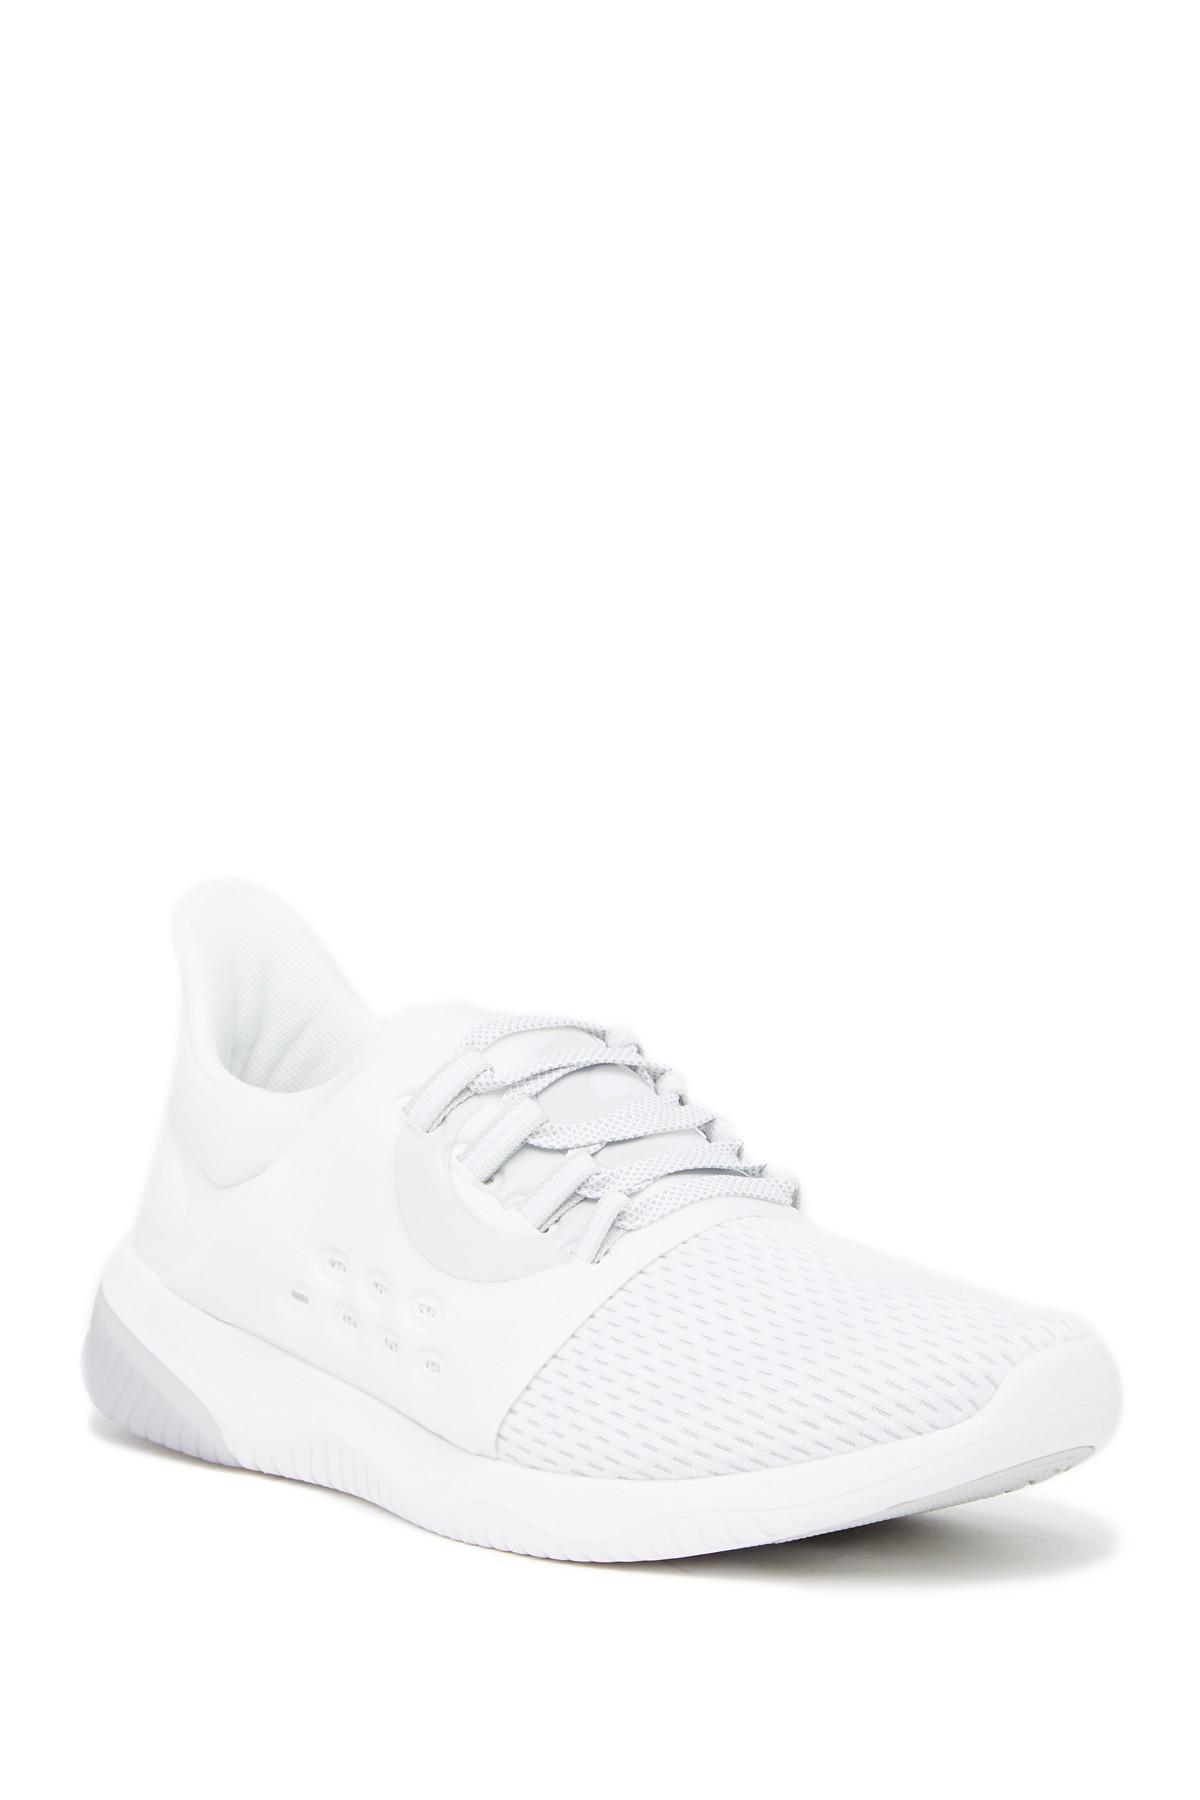 Lyst Asics Gel 10711 Kenun Lyte Running Sneaker en en Gel blanc pour homme 888b70d - myptmaciasbook.club